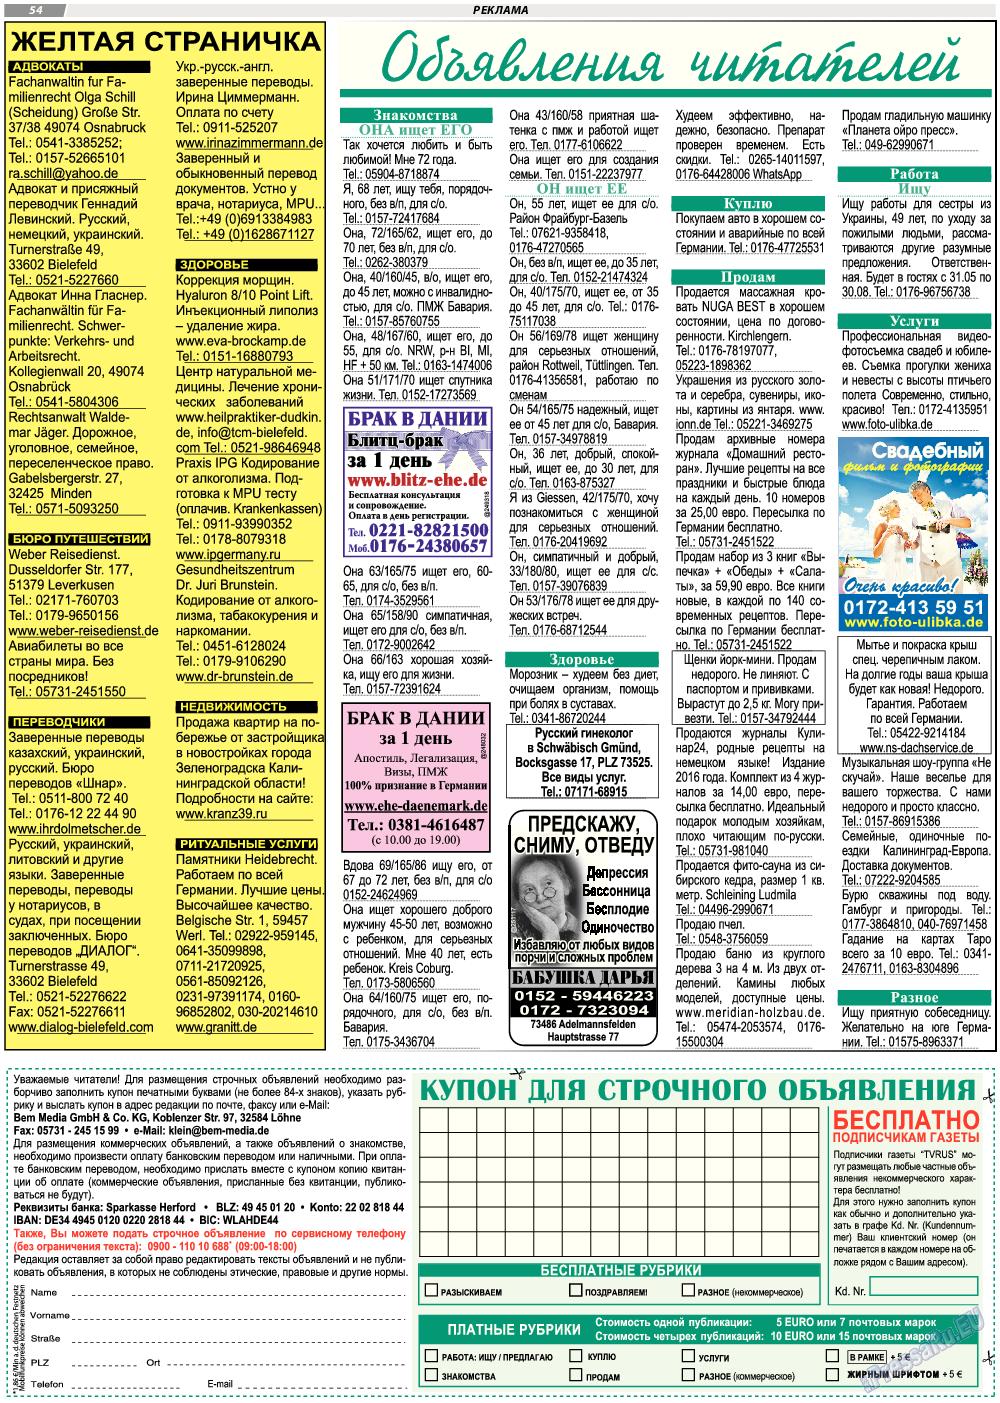 TVrus (газета). 2017 год, номер 14, стр. 54